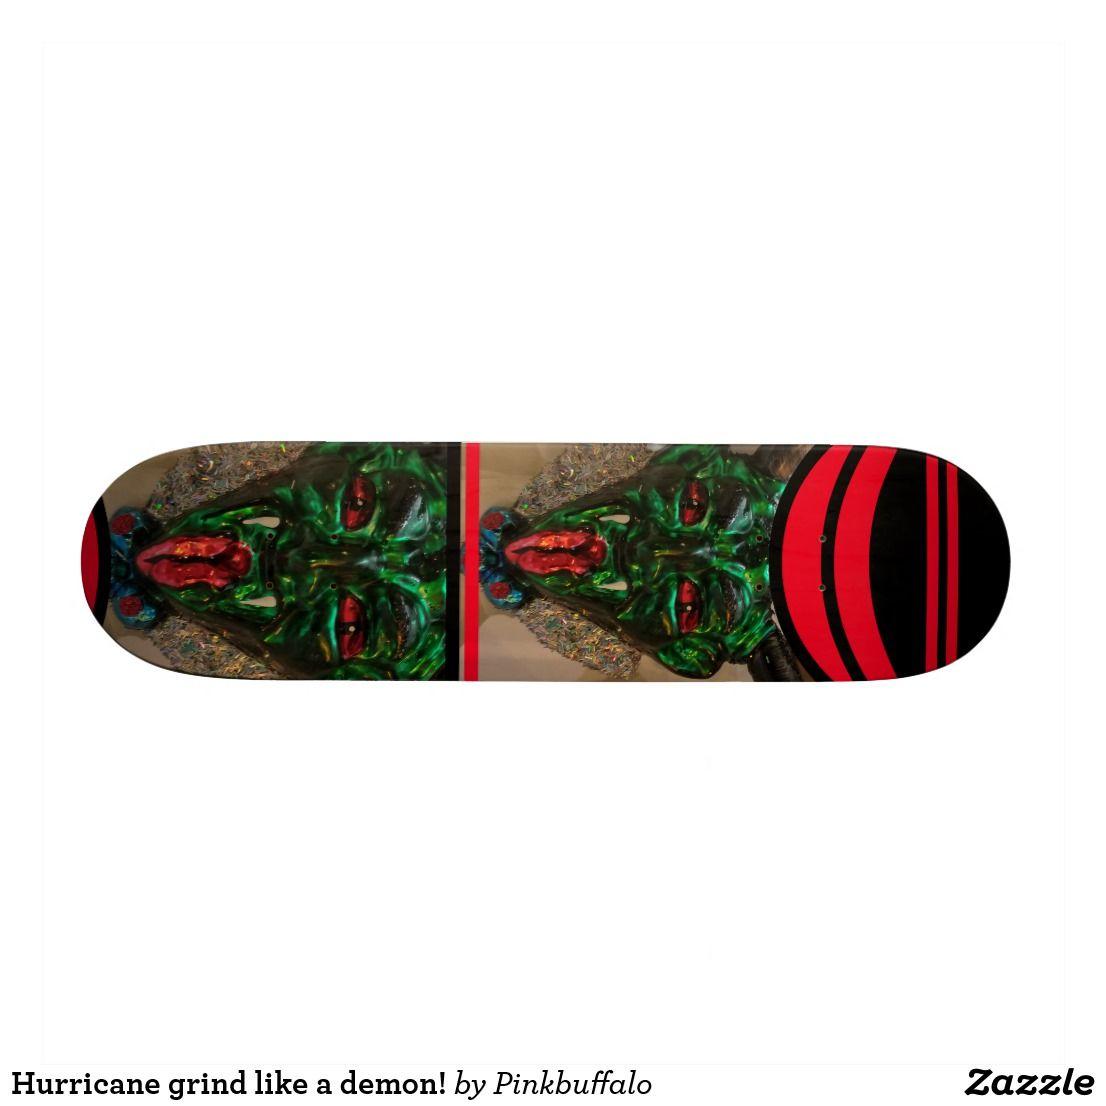 Hurricane Grind Like A Demon Skateboard Skateboard Cool Skateboards Hurricane